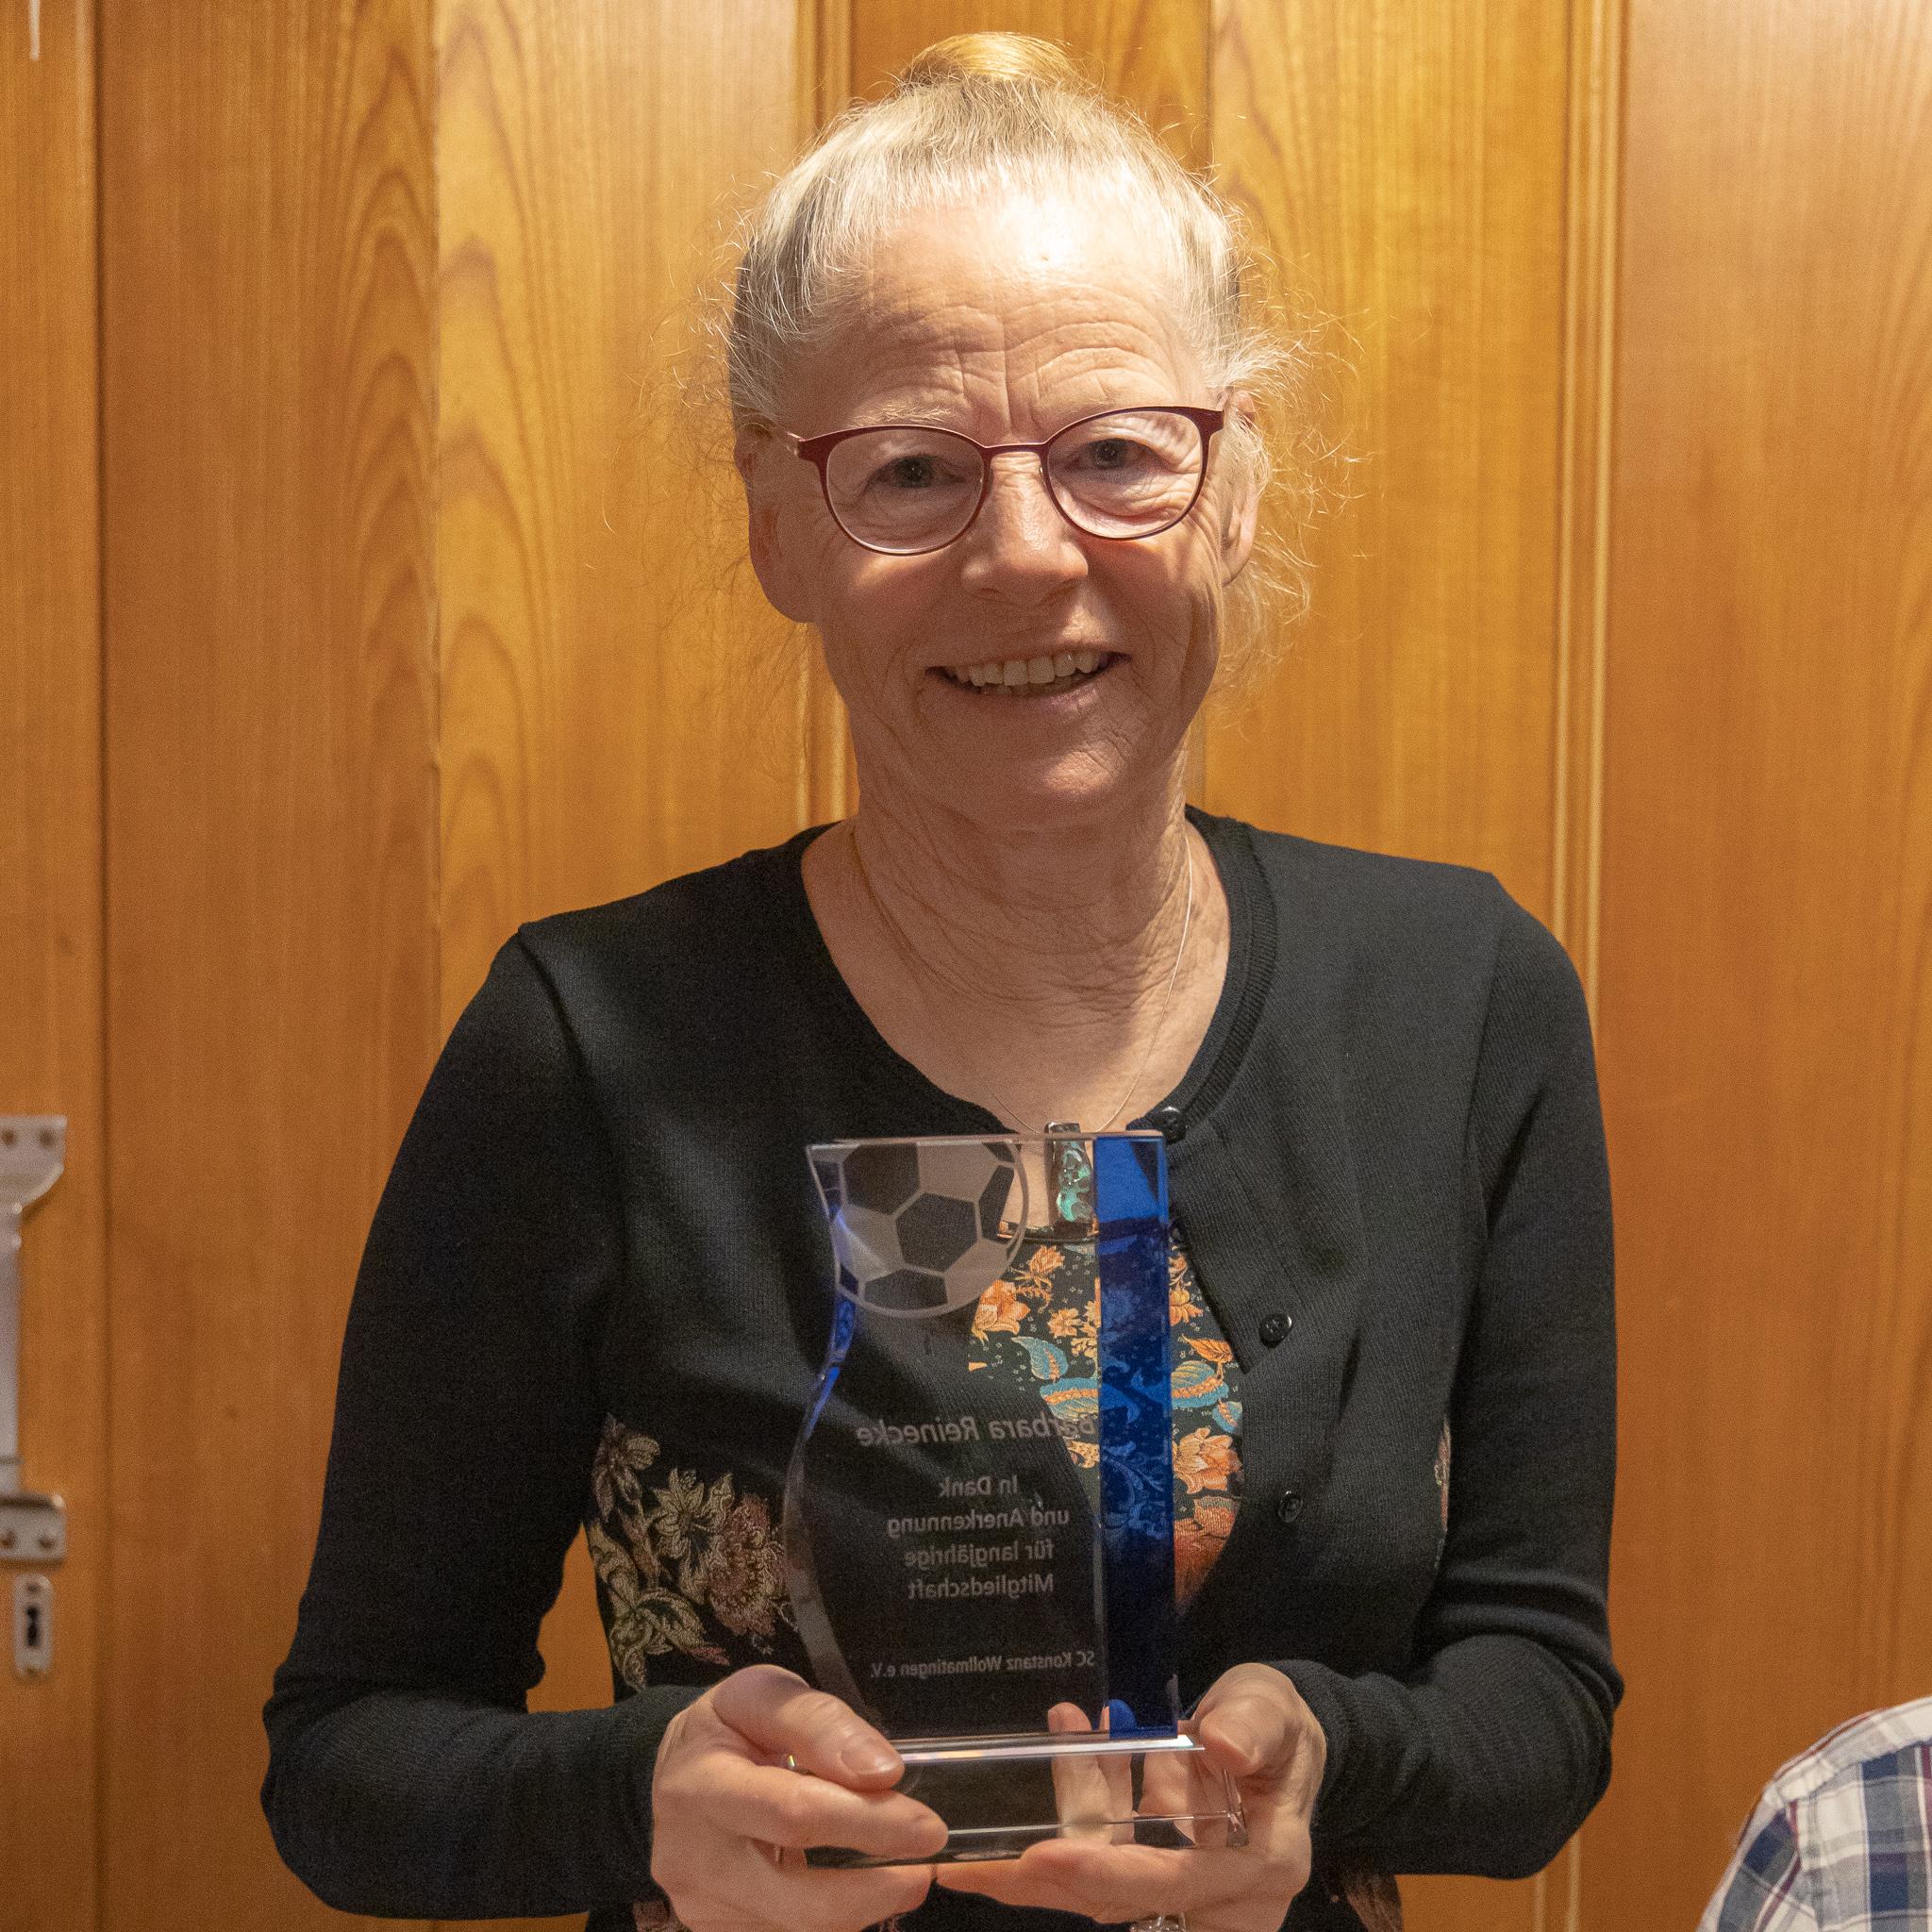 Bärbel Reinecke, 51 Jahre Mitgliedschaft